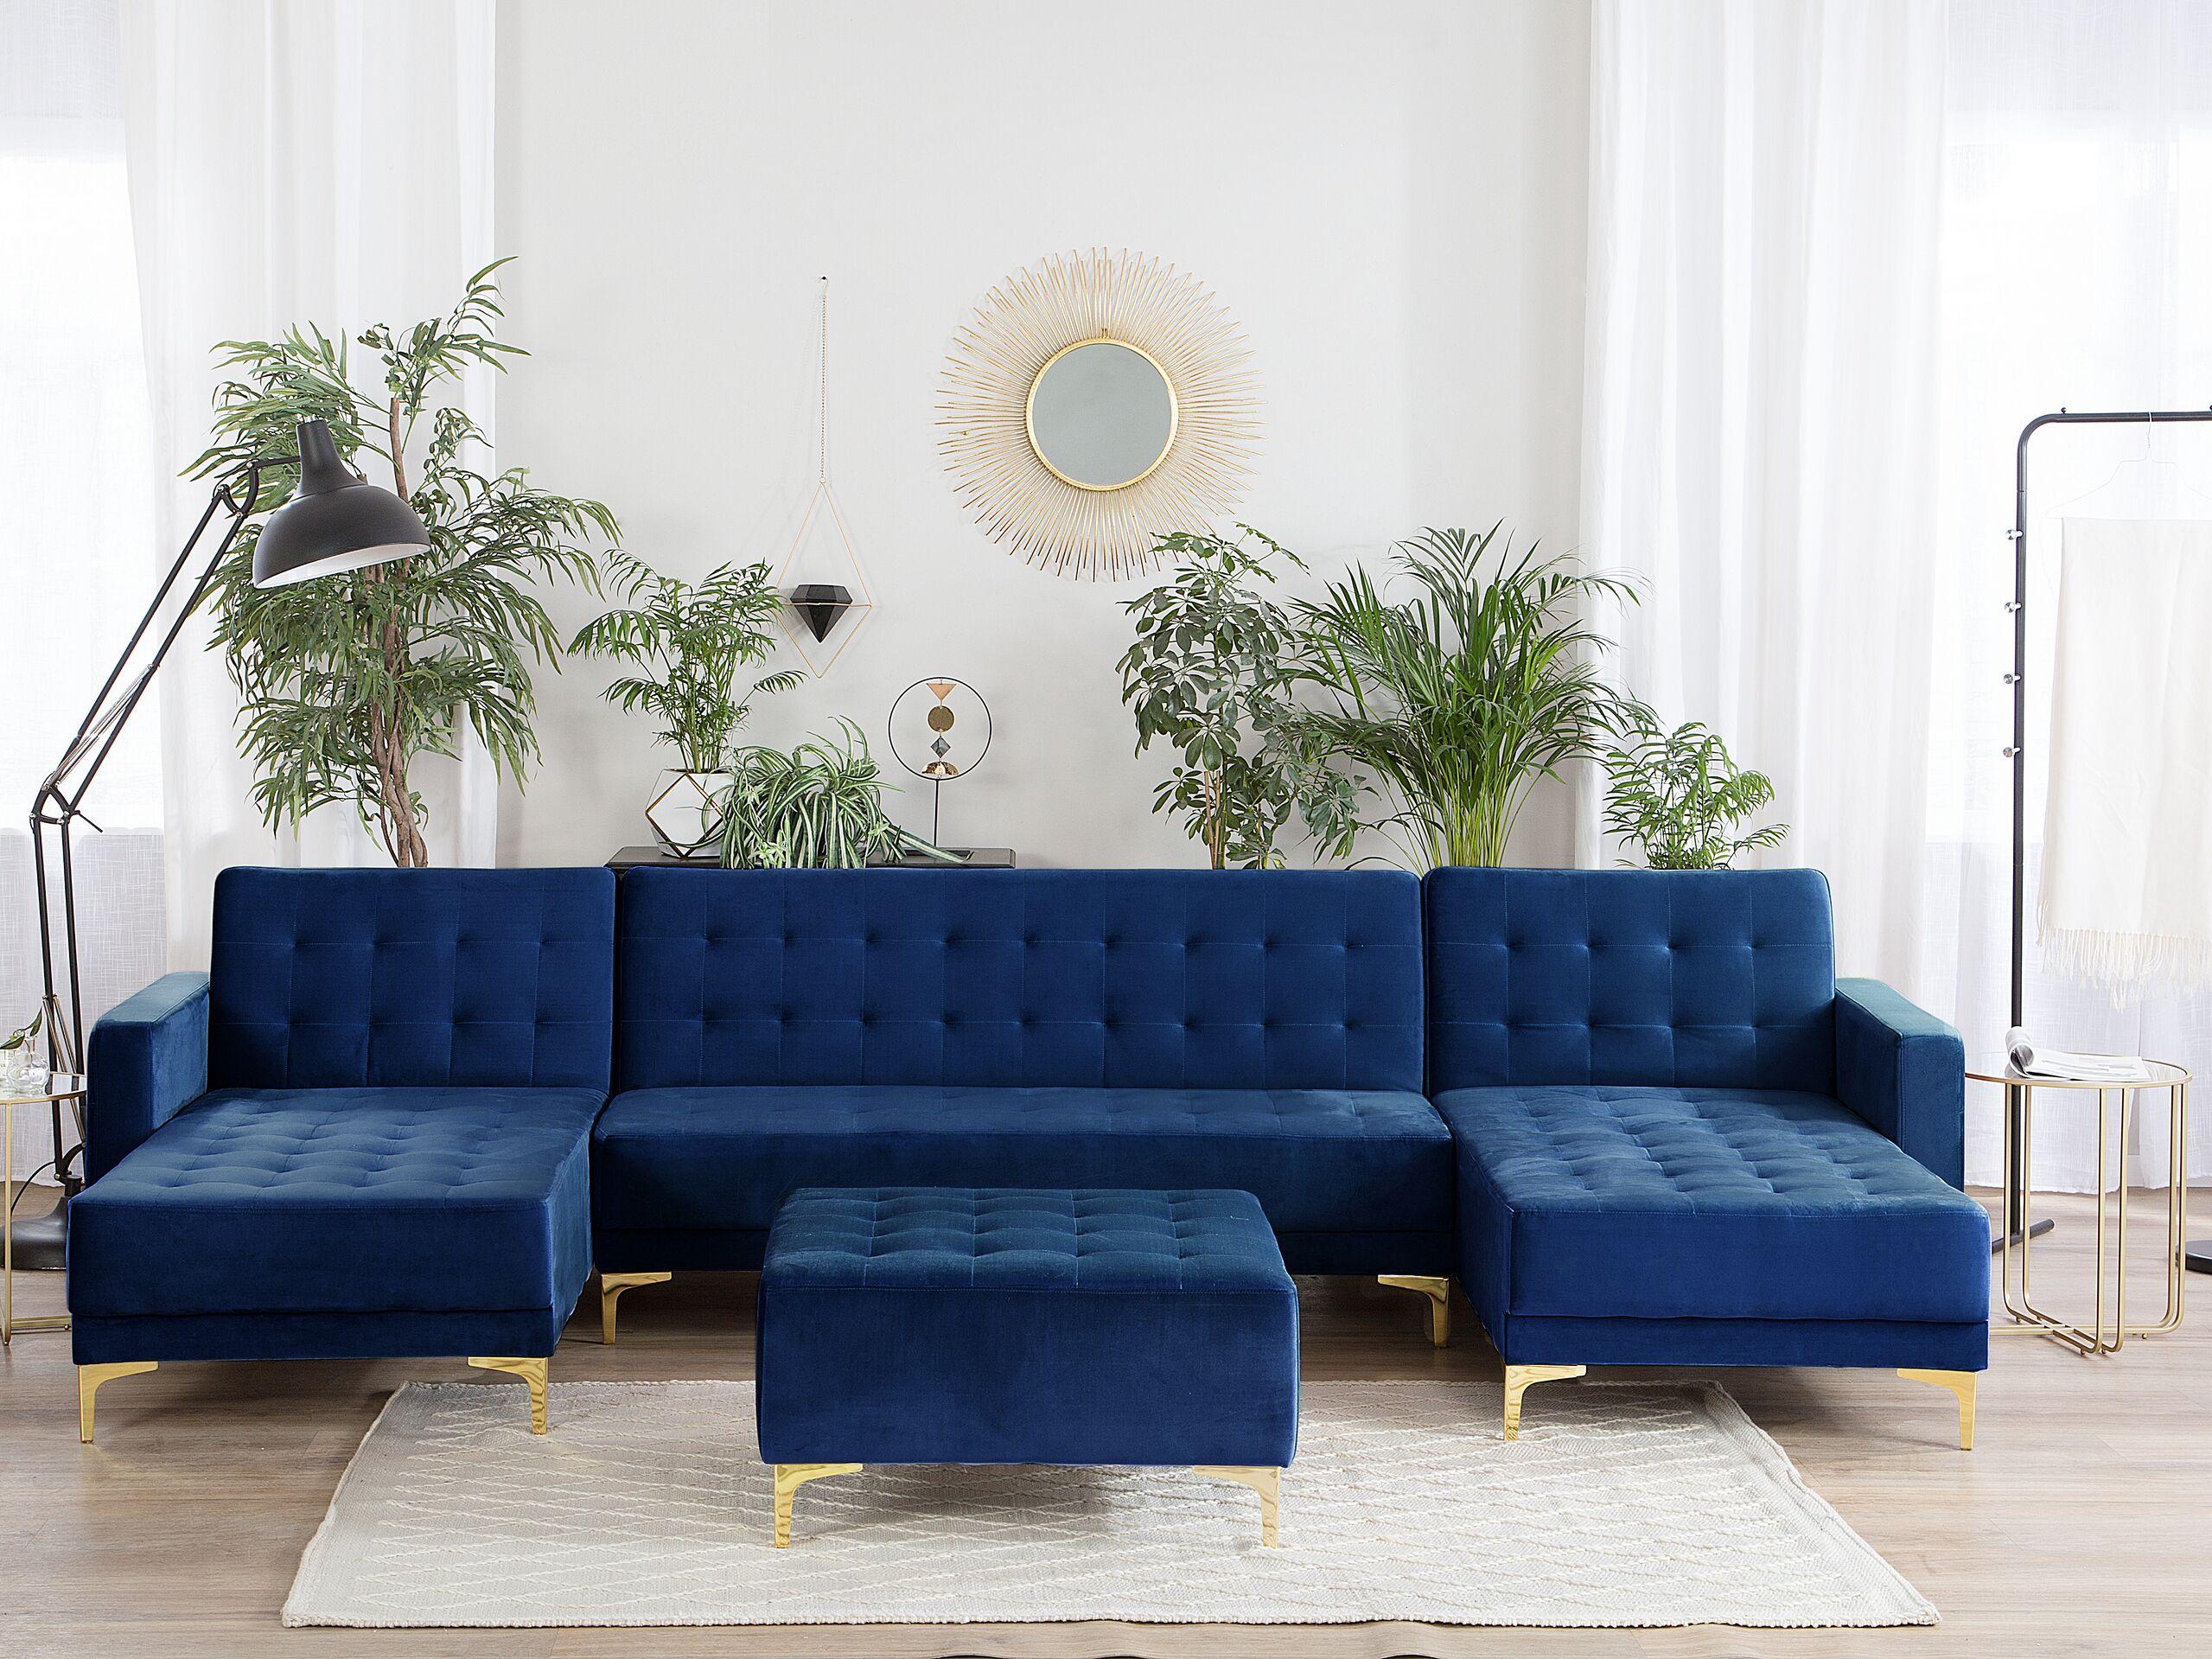 Canapé en forme de U convertible en velours bleu marine avec ottoman